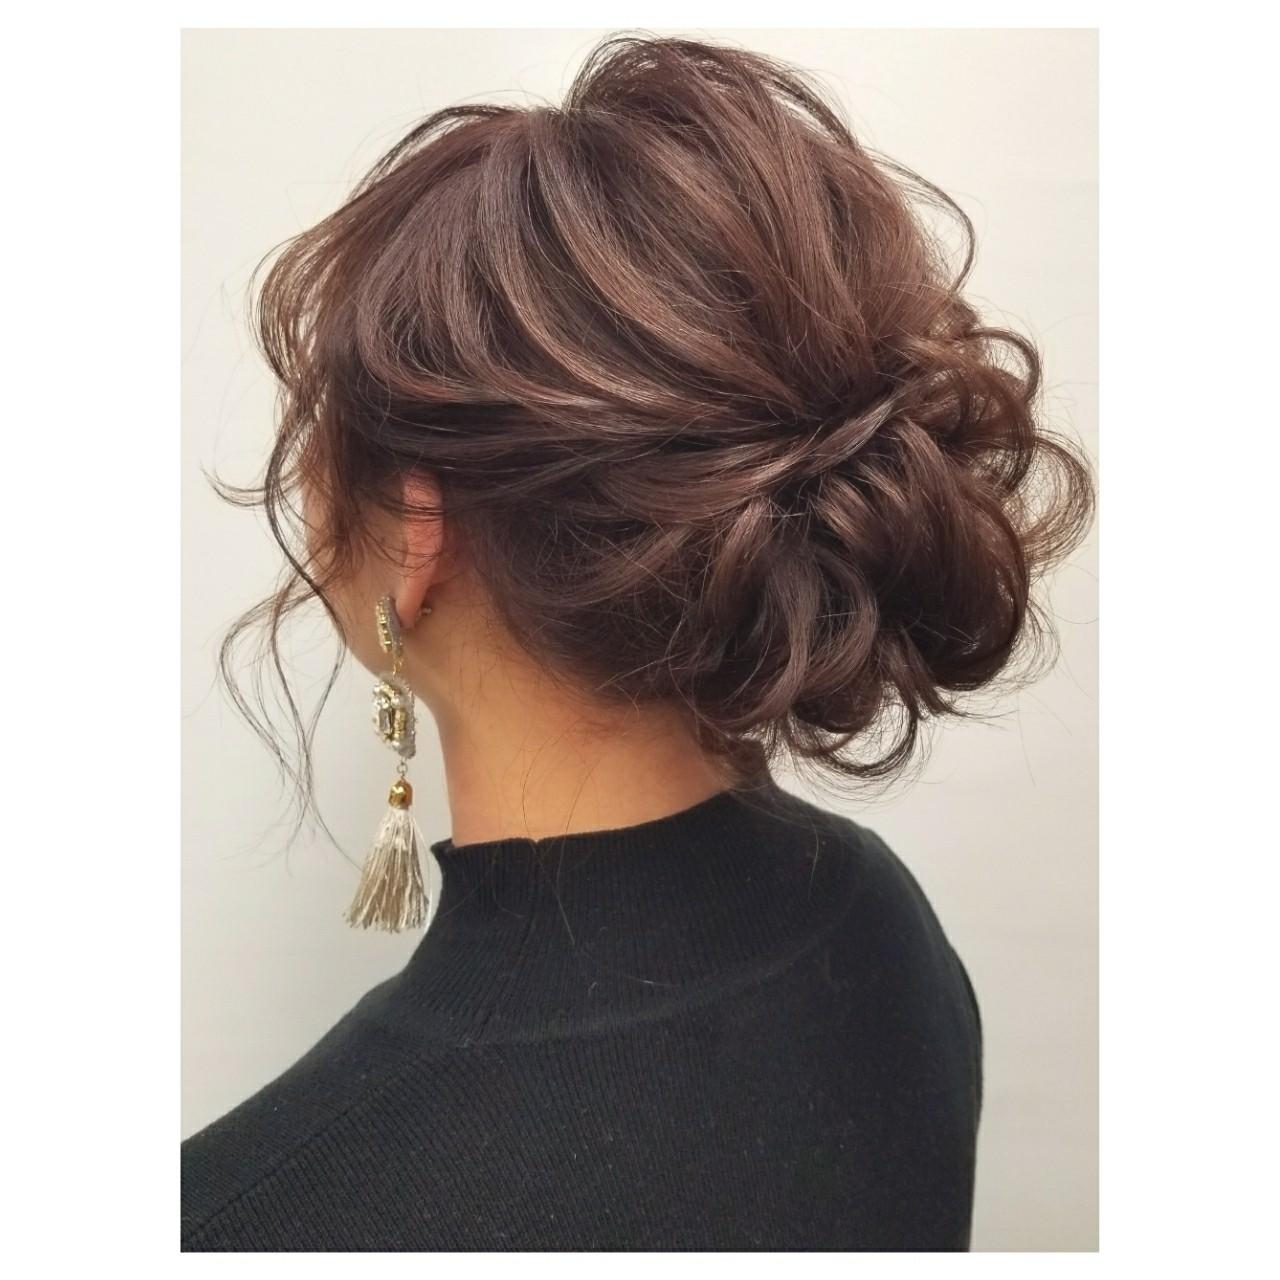 成人式 謝恩会 フェミニン デート ヘアスタイルや髪型の写真・画像